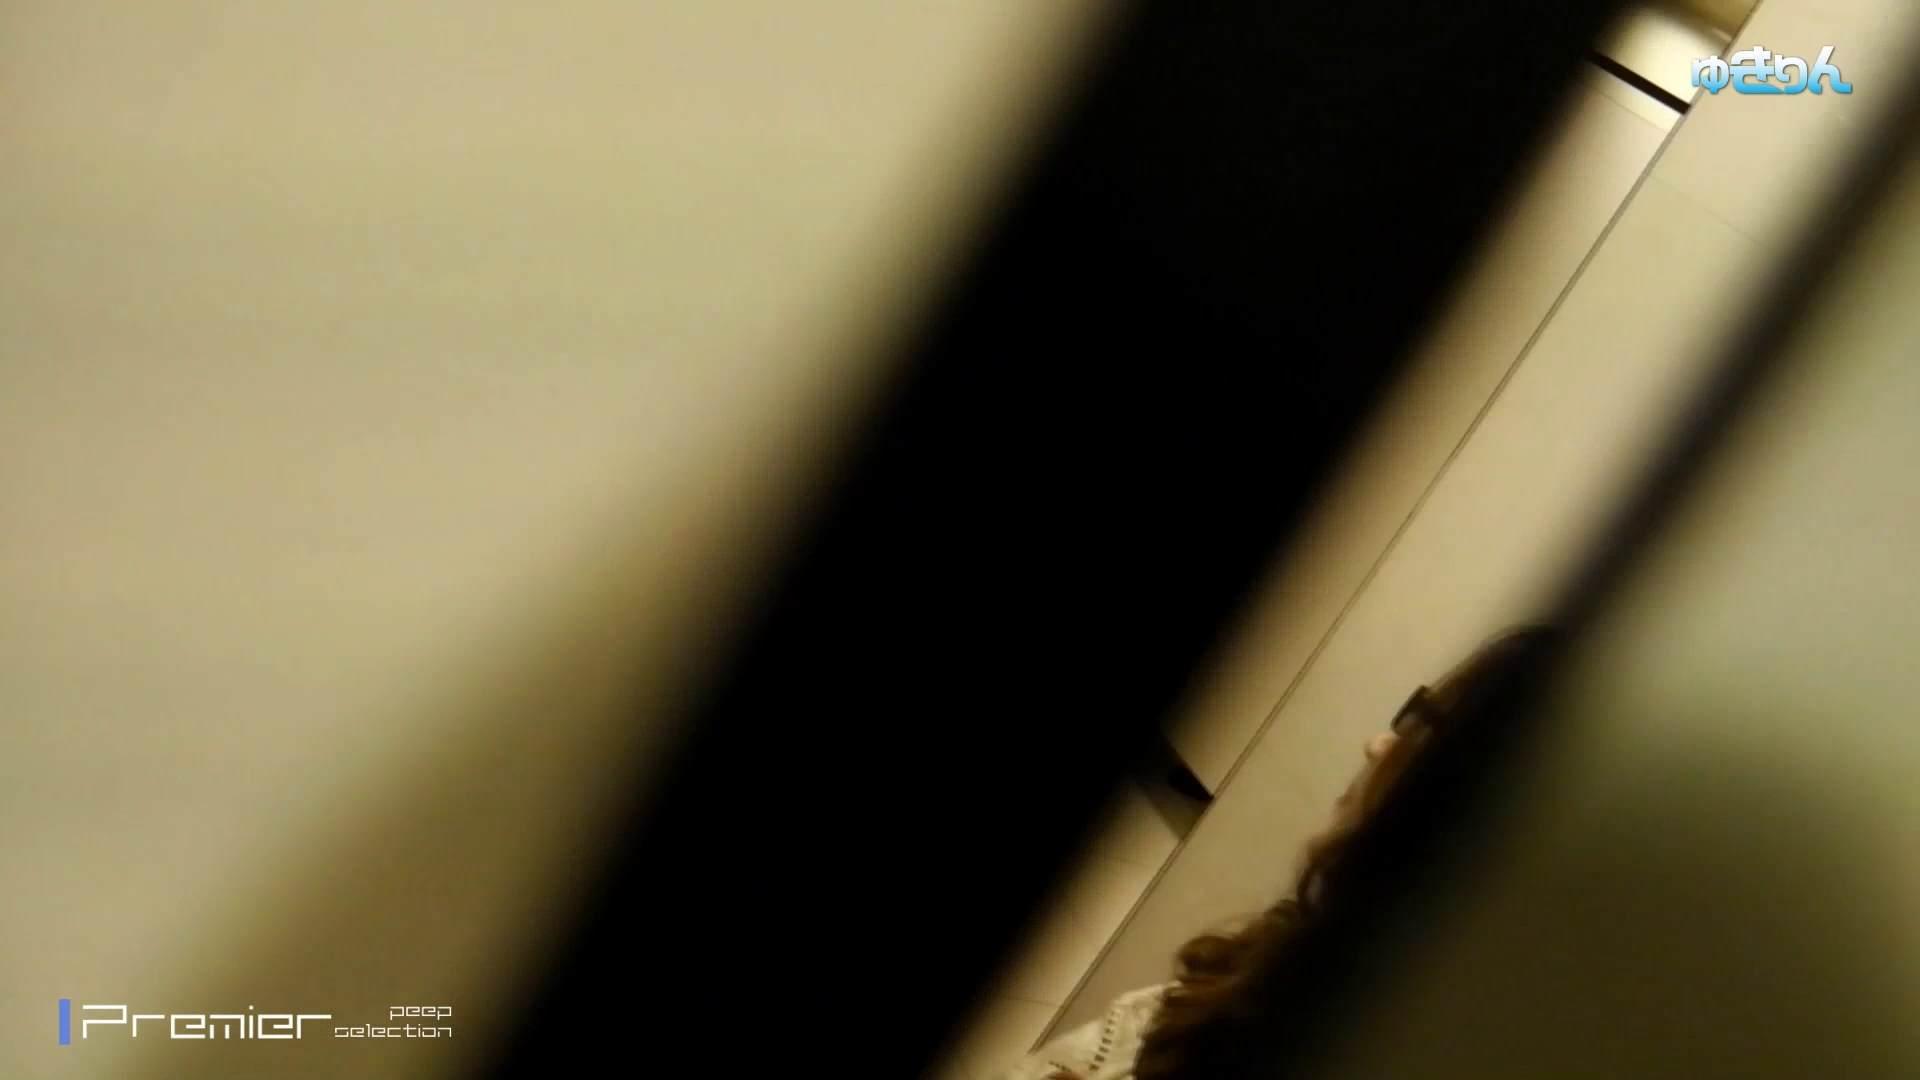 新世界の射窓 No87今回は二人エロい尻の持ち主登場  102枚